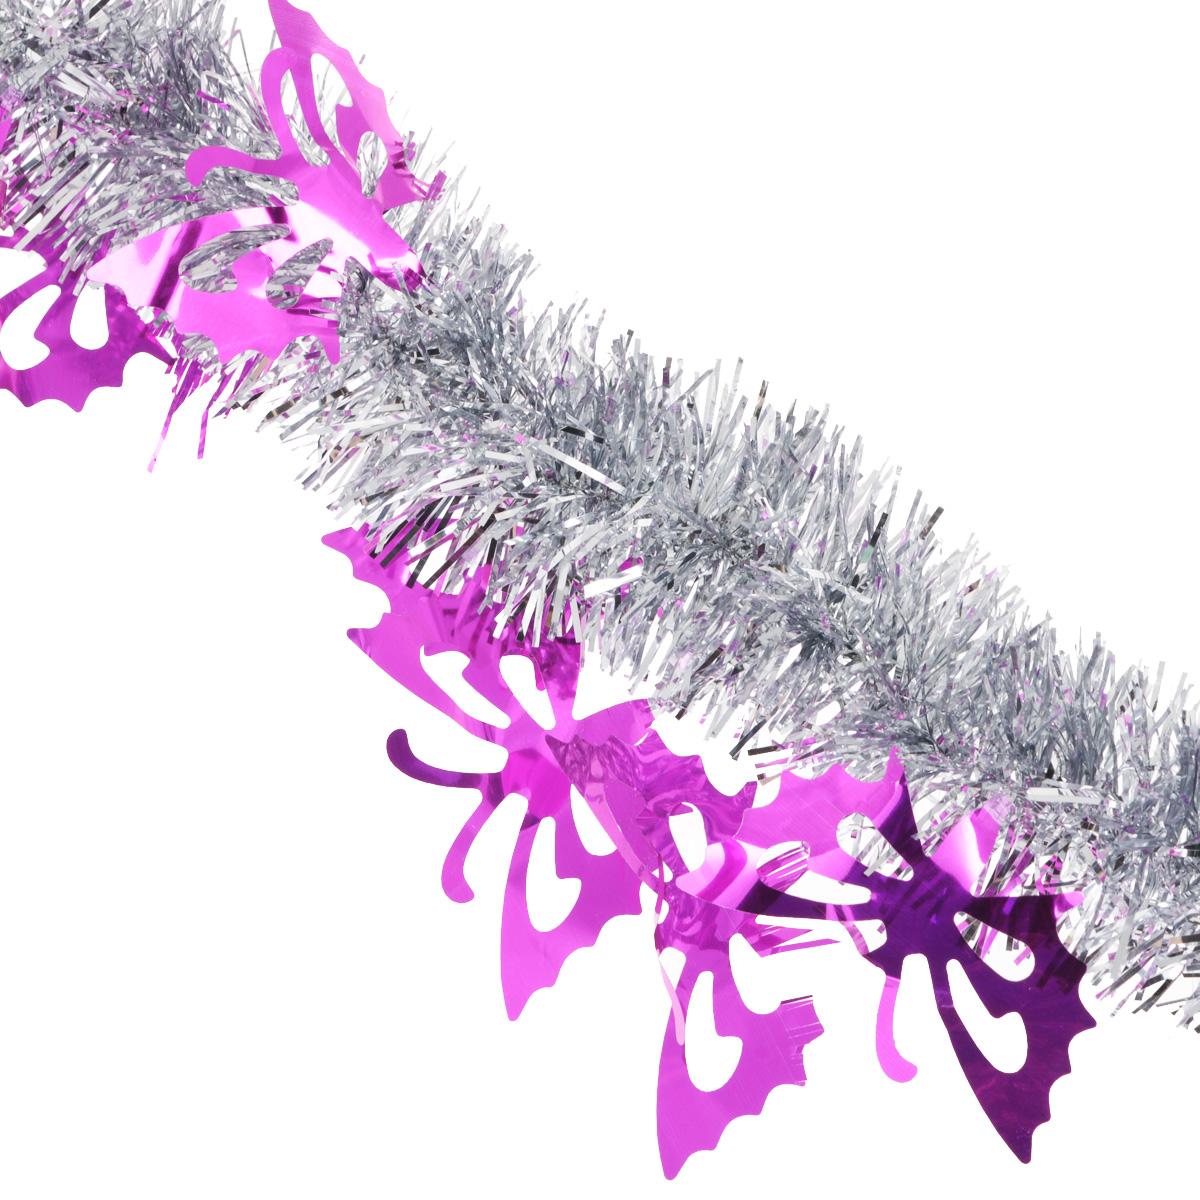 Мишура новогодняя Sima-land, цвет: серебристый, фиолетовый, диаметр 5 см, длина 200 см799470Мишура новогодняя Sima-land, выполненная из двухцветной фольги, поможет вам украсить свой дом к предстоящим праздникам. Мишура армирована, то есть имеет проволоку внутри и способна сохранять приданную ей форму.Новогодняя елка с таким украшением станет еще наряднее. Новогодней мишурой можно украсить все, что угодно - елку, квартиру, дачу, офис - как внутри, так и снаружи. Можно сложить новогодние поздравления, буквы и цифры, мишурой можно украсить и дополнить гирлянды, можно выделить дверные колонны, оплести дверные проемы. Мишура принесет в ваш дом ни с чем несравнимое ощущение праздника! Создайте в своем доме атмосферу тепла, веселья и радости, украшая его всей семьей.